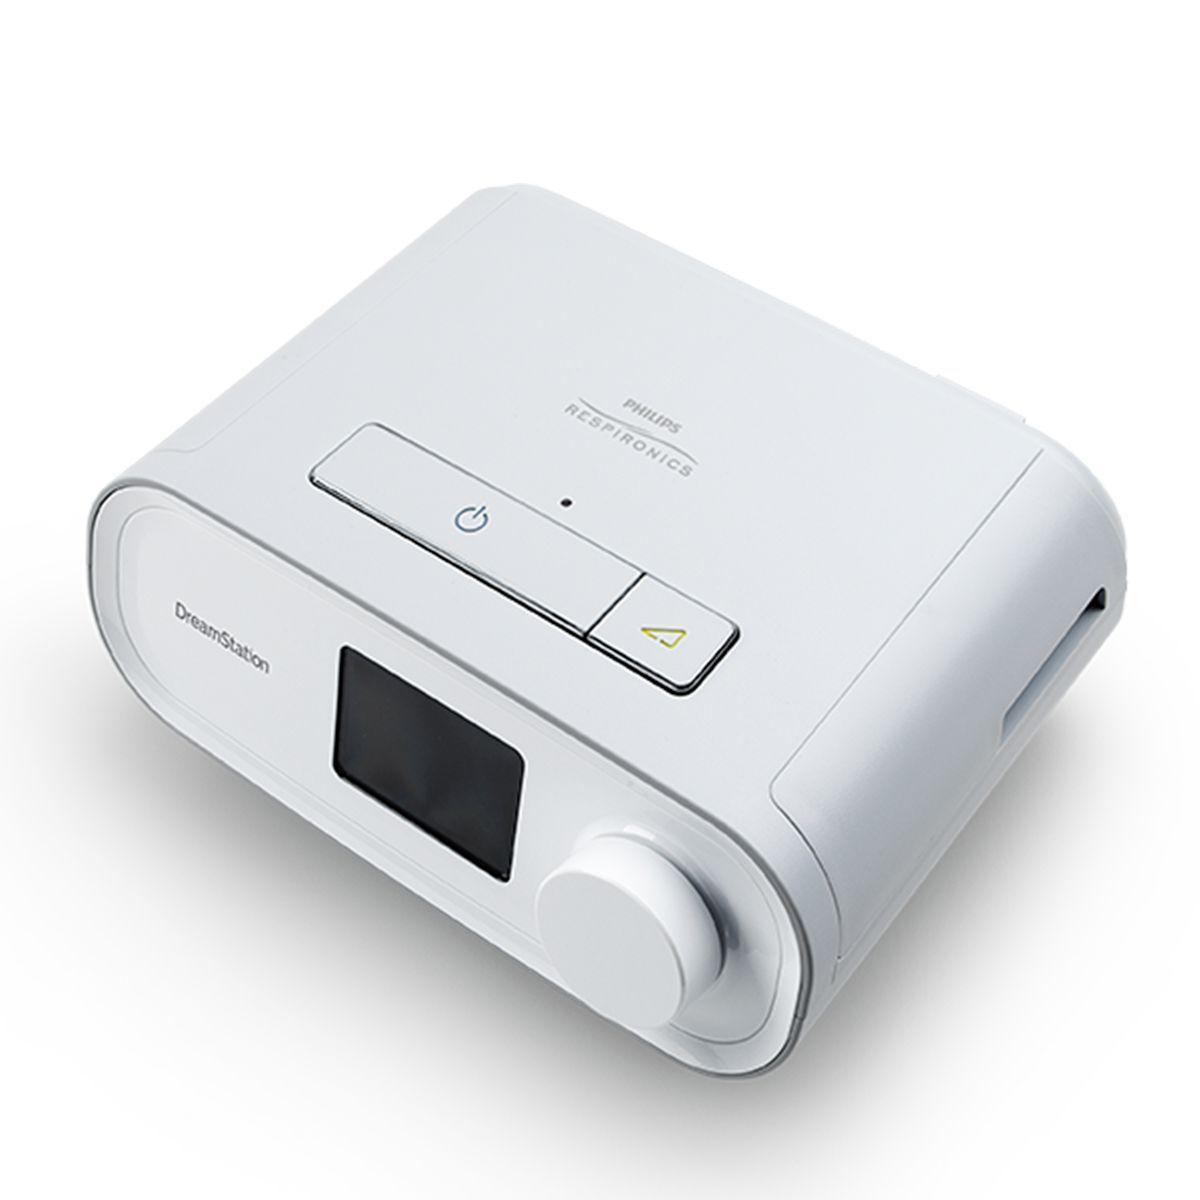 Kit CPAP Automático DreamStation + Umidificador + Máscara Mirage Quattro